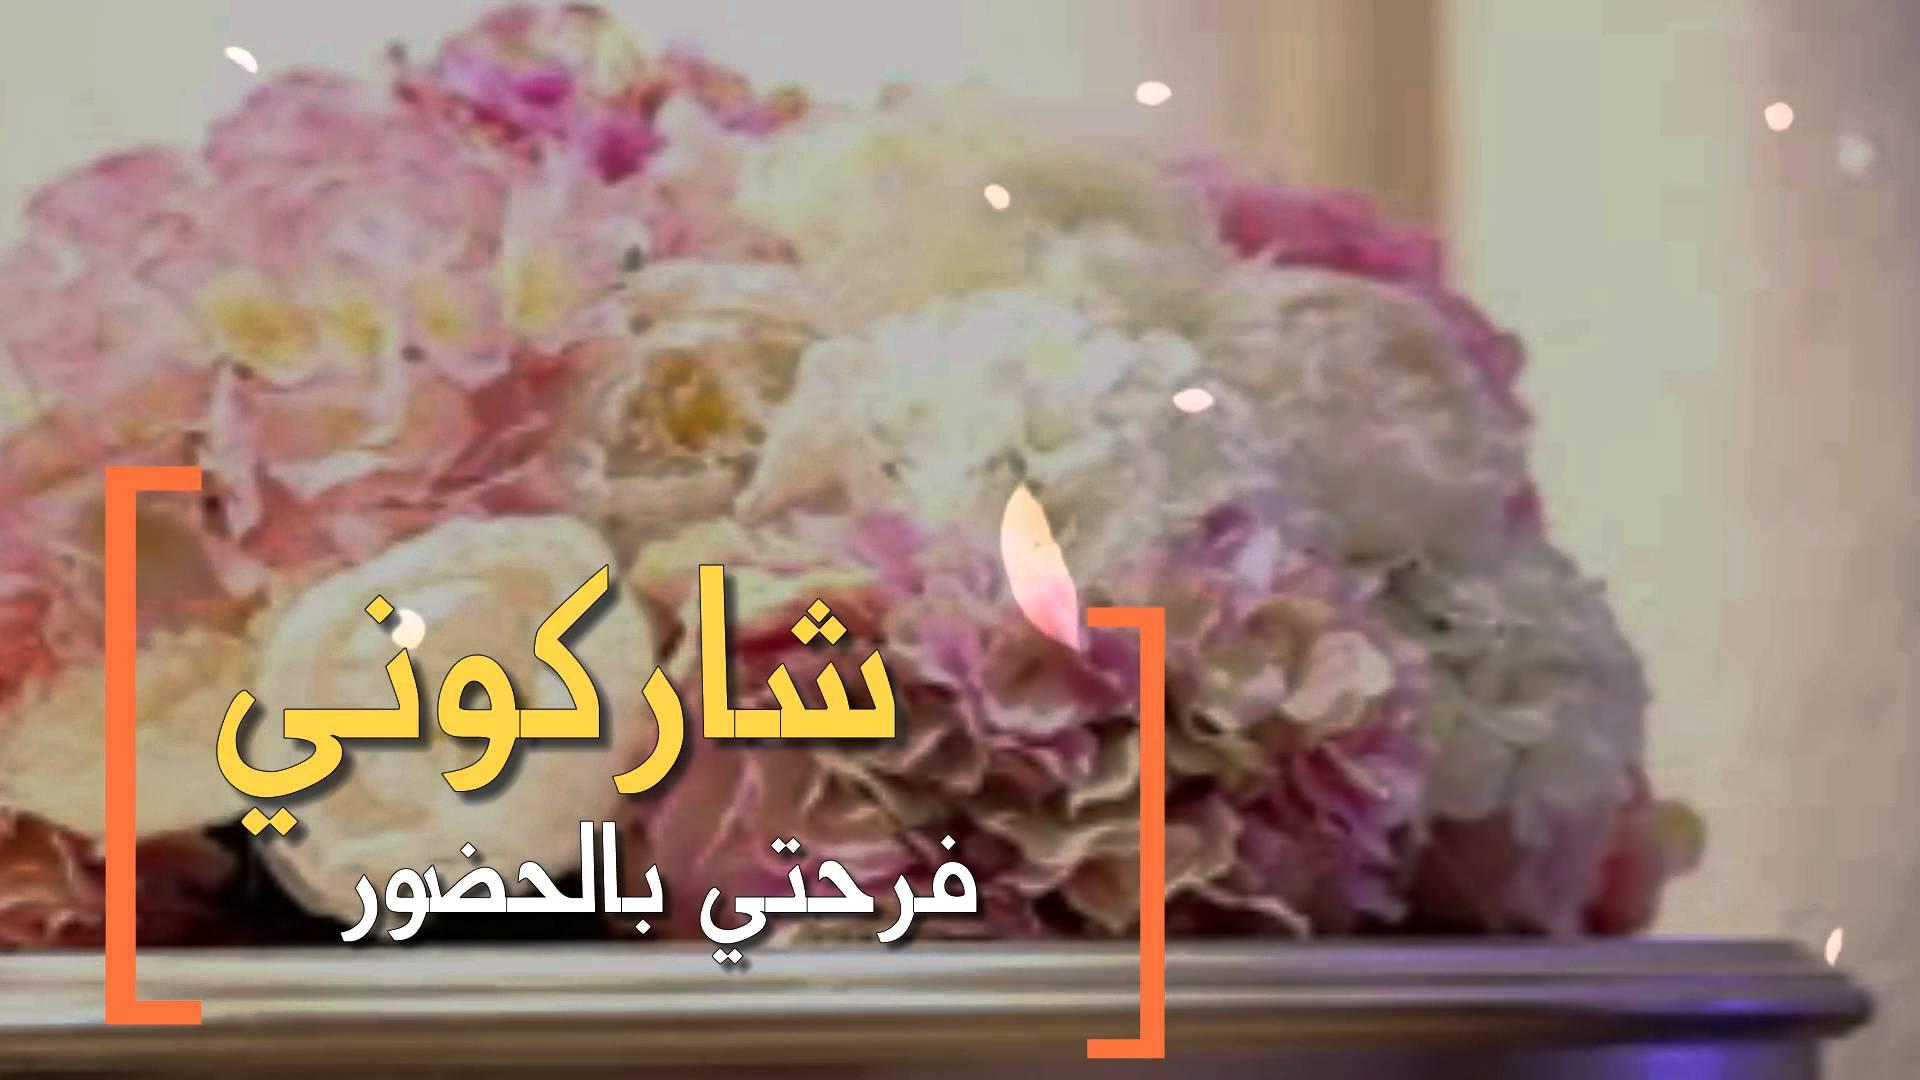 بالصور عبارات تهنئة للعروس من صديقتها , احلي تهنئه للعروس من افضل الصديقات 3263 11